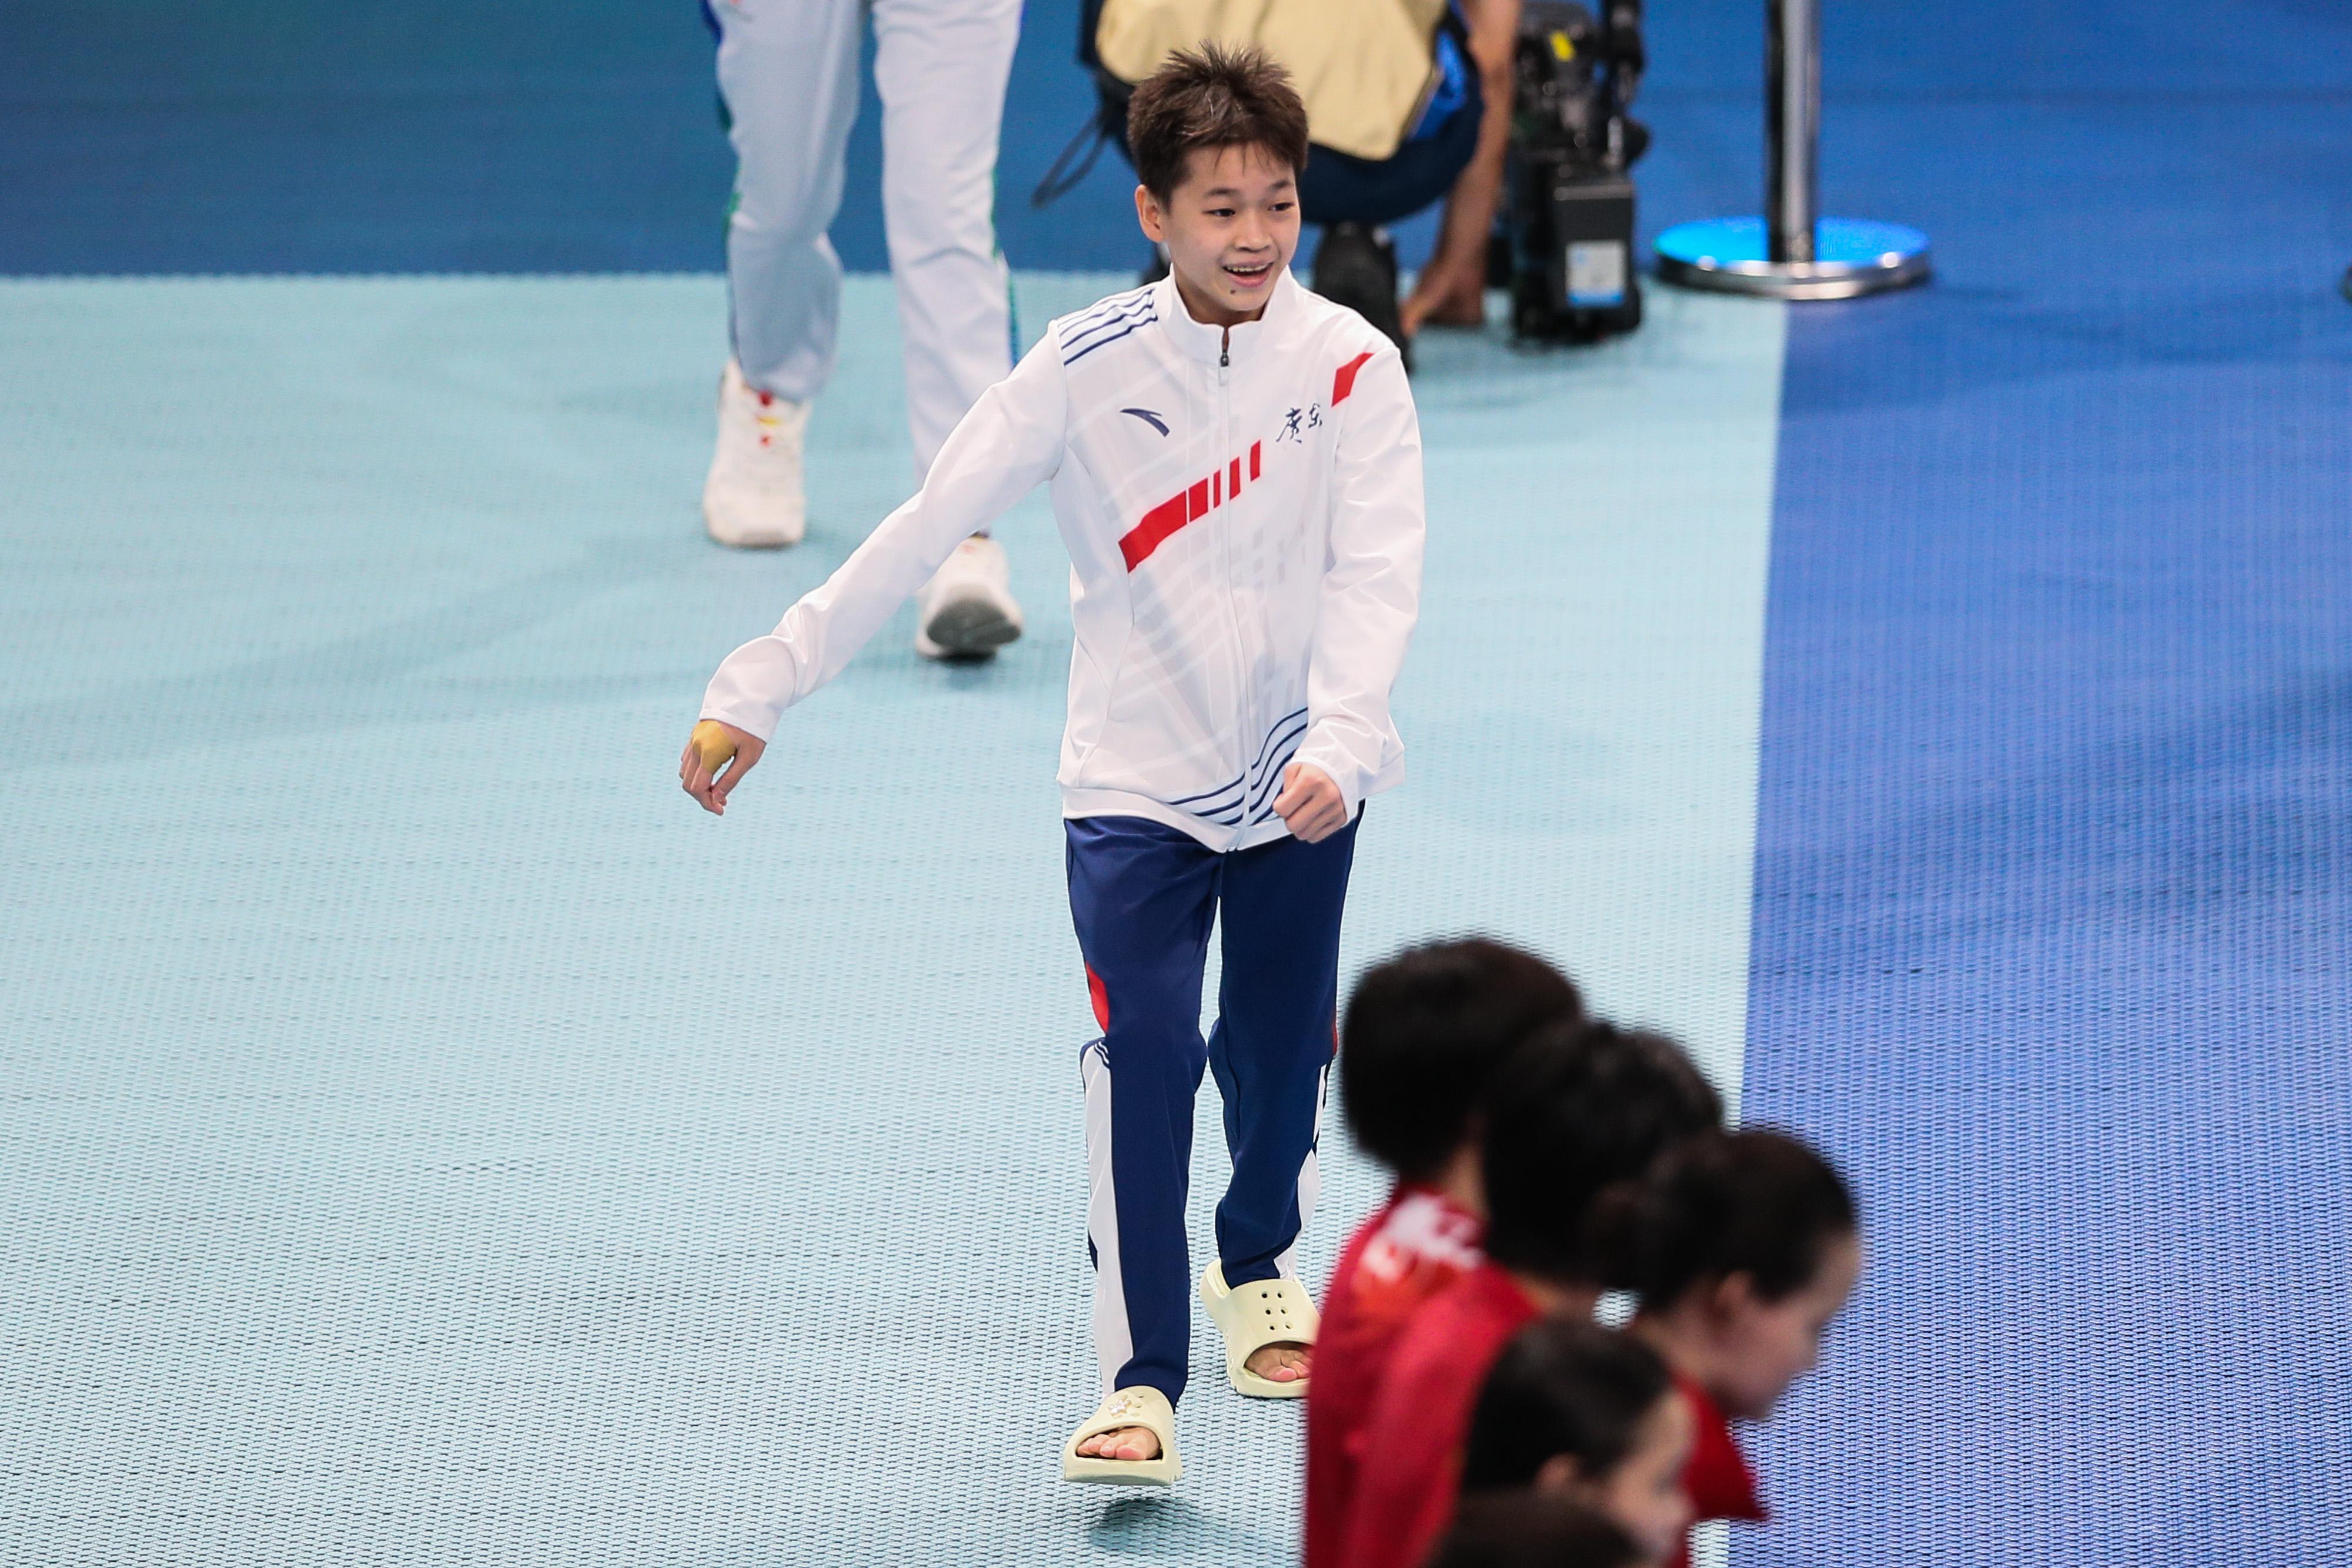 逆转取胜!全运会10米台全红婵夺冠,陈芋汐收获银牌